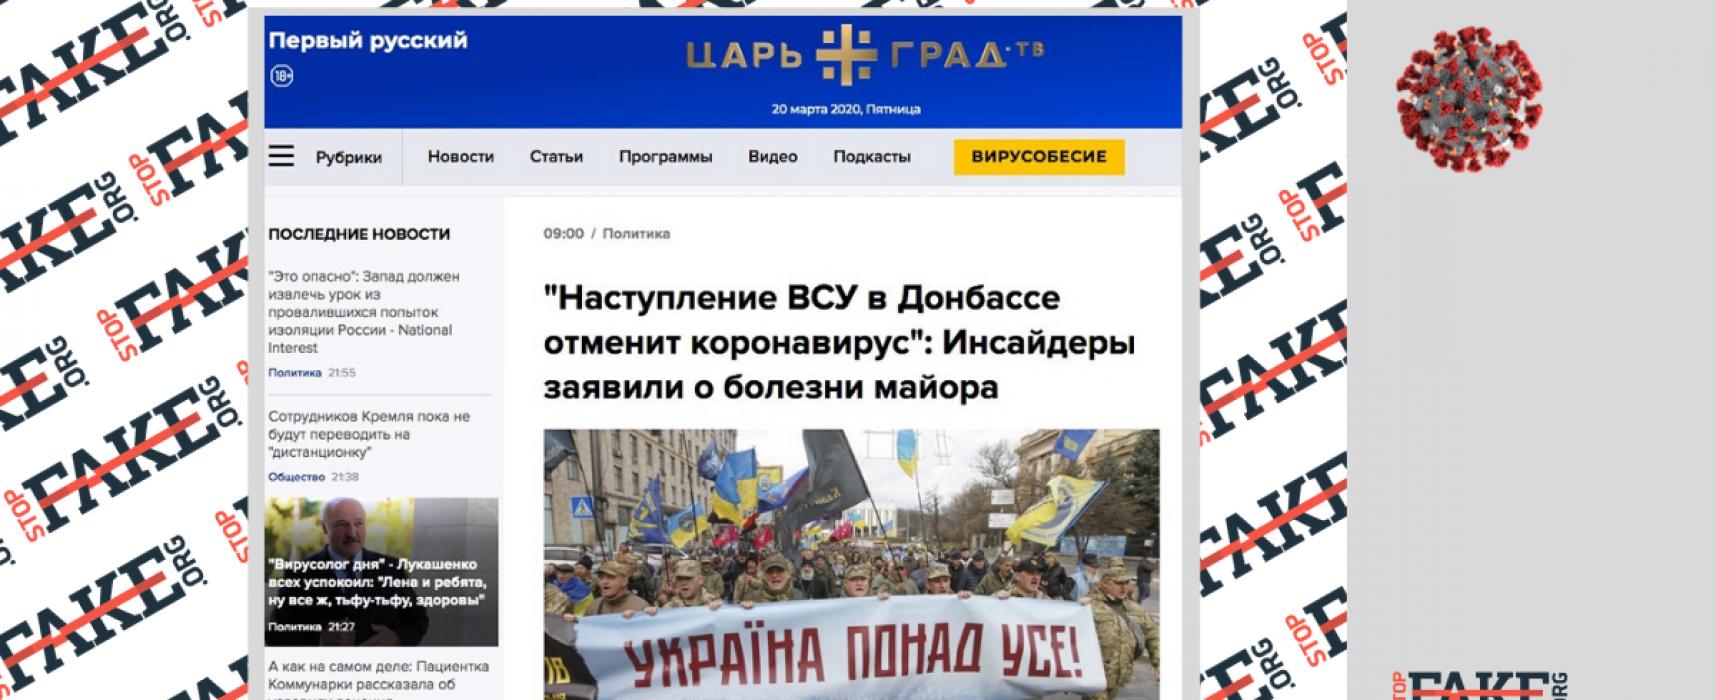 Фейк: Наступление ВСУ на Донбассе будет отменено из-за коронавируса